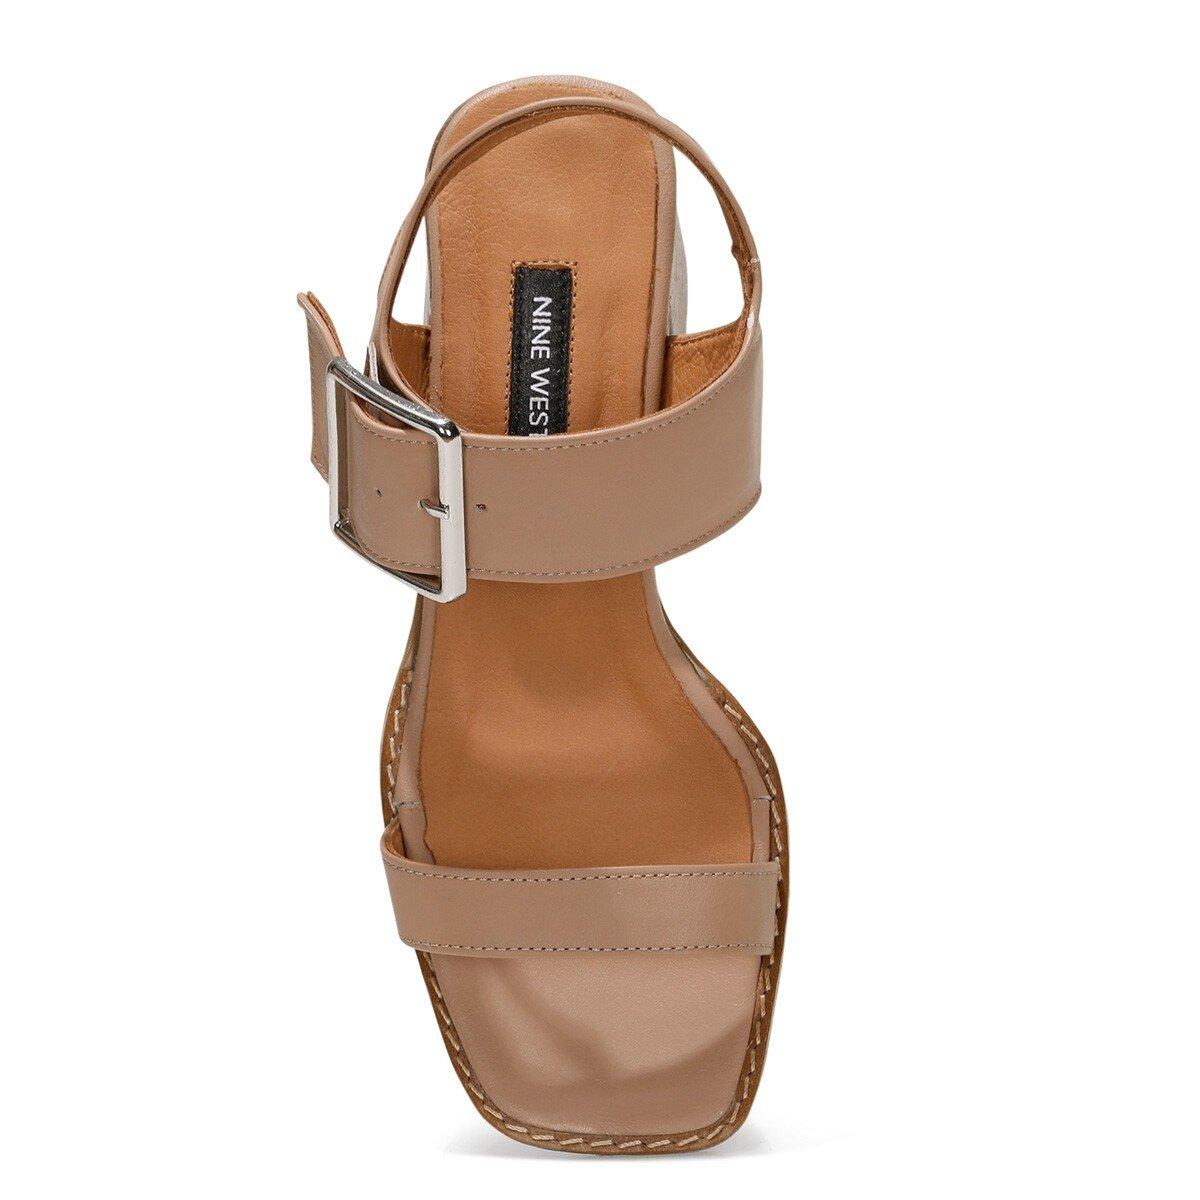 SUMMEL 1FX Taba Kadın Topuklu Sandalet